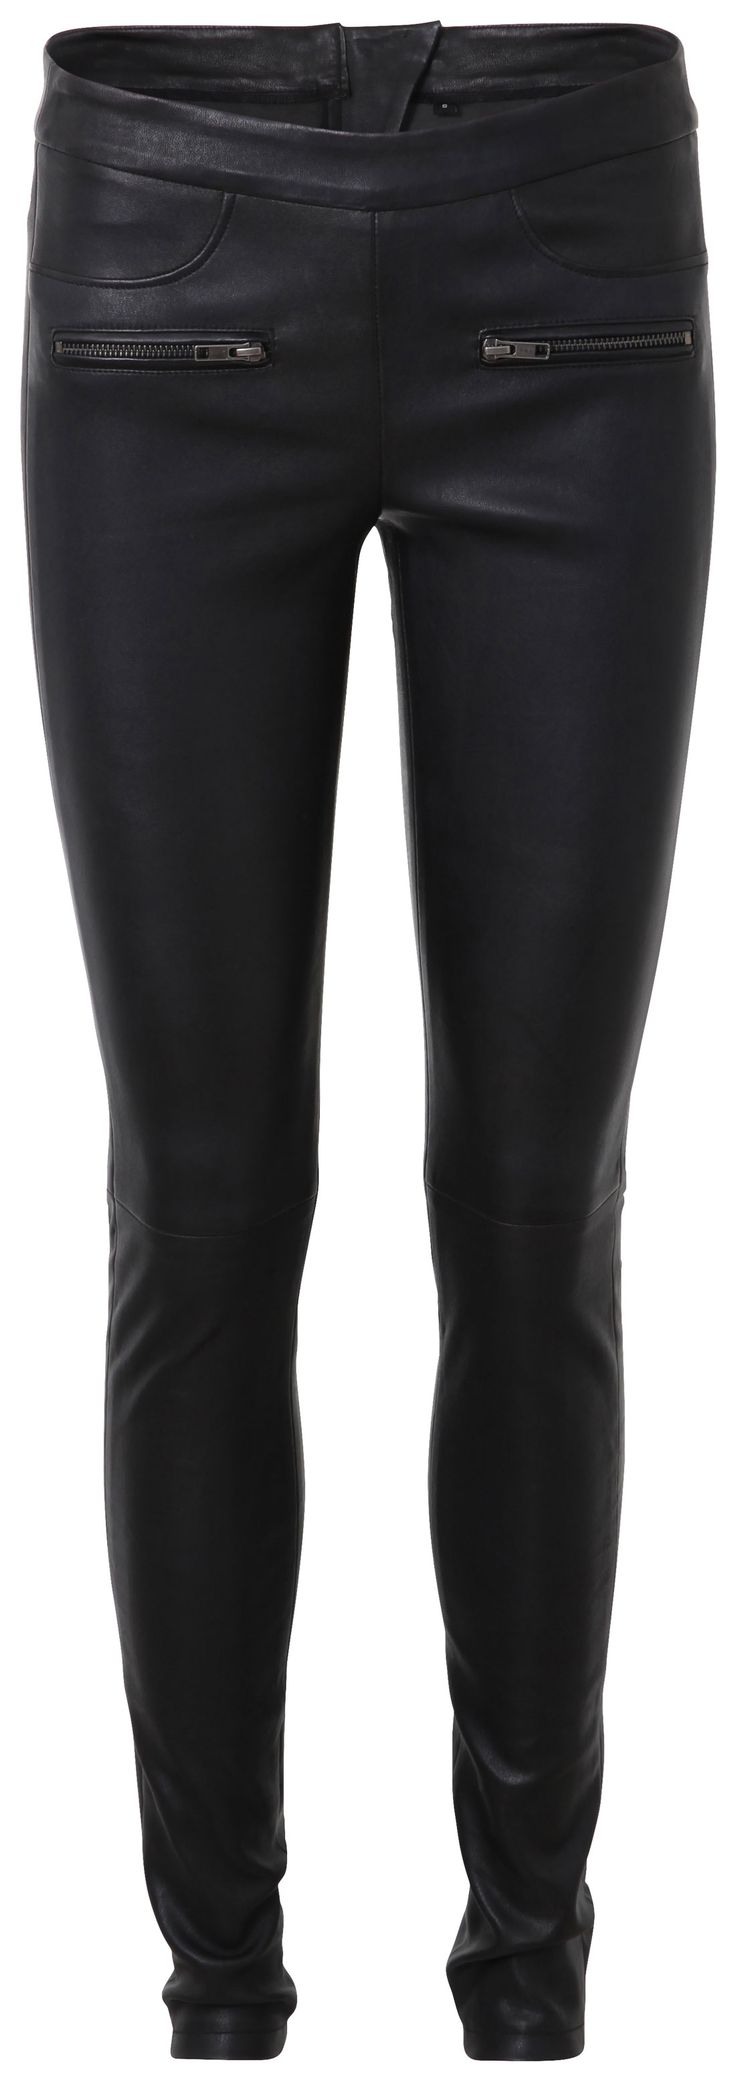 Super cool MBYM læderbukser BOSS mbyM  til Bukser til kvinder og damer i luksus kvalitet